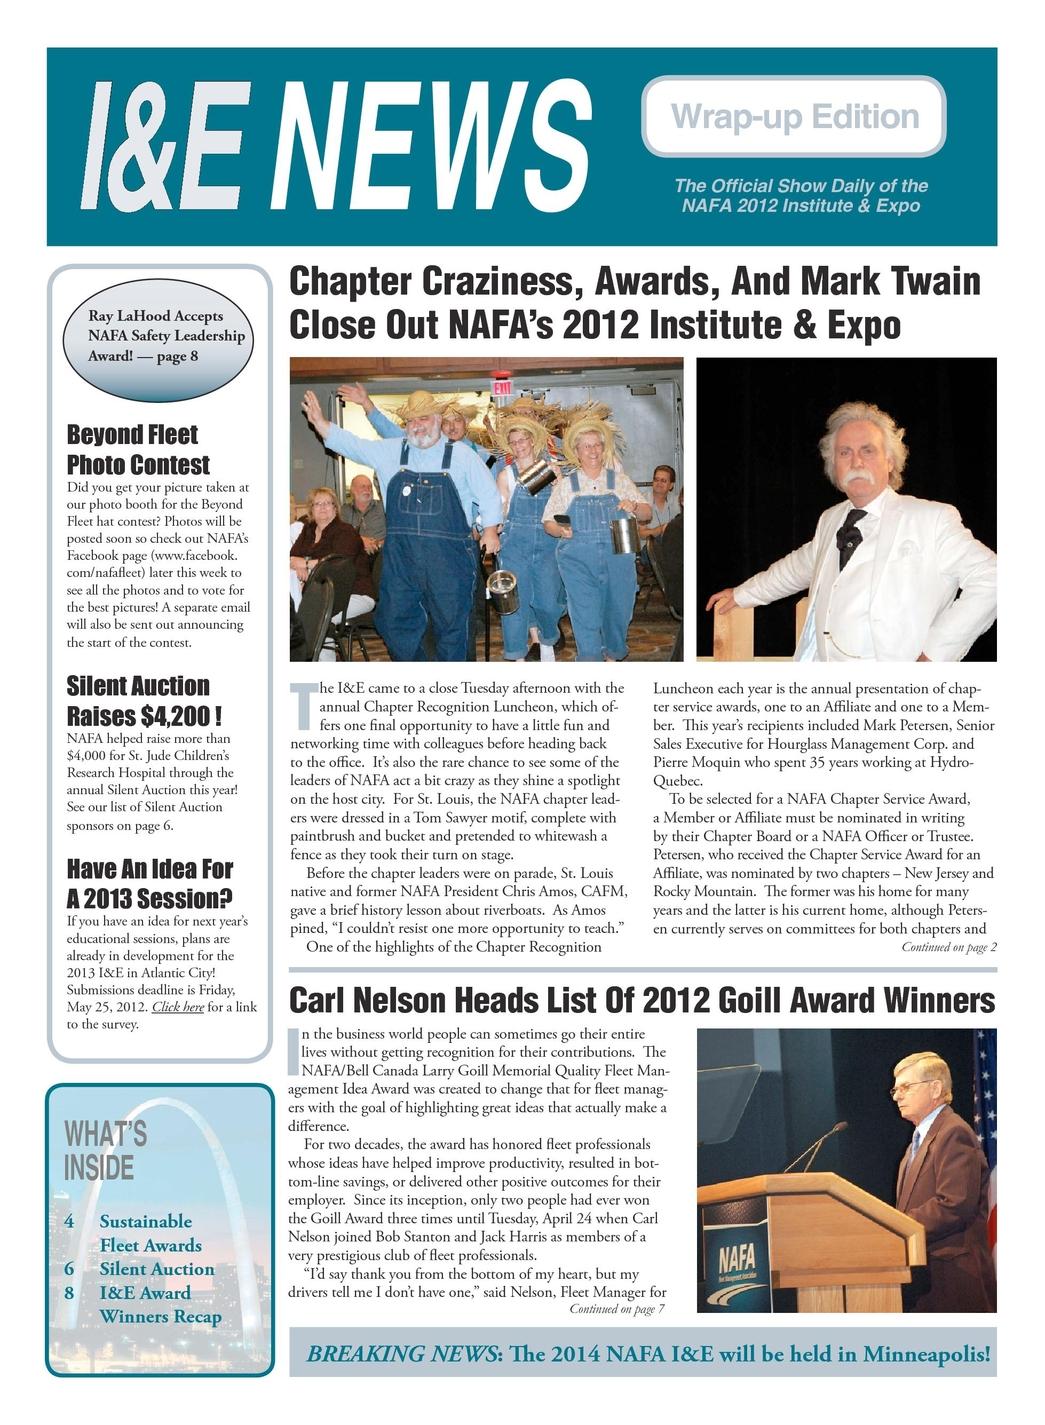 I&E News 2012 Wrap-up Issue